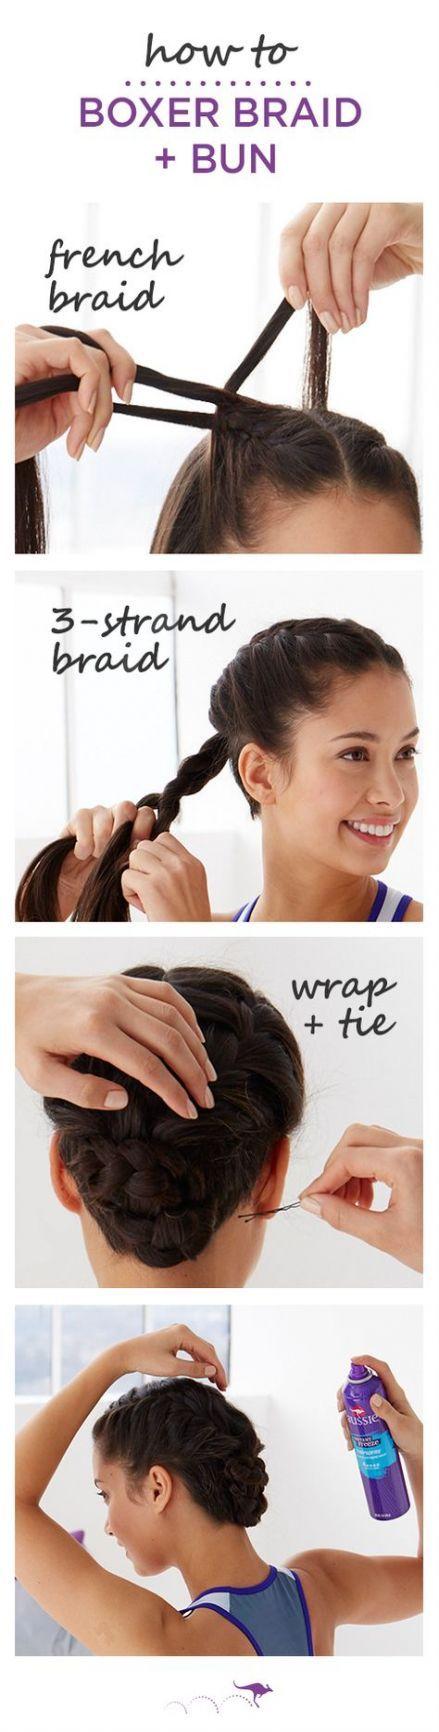 Braids hairstyles tutorials boxer 44+ ideas